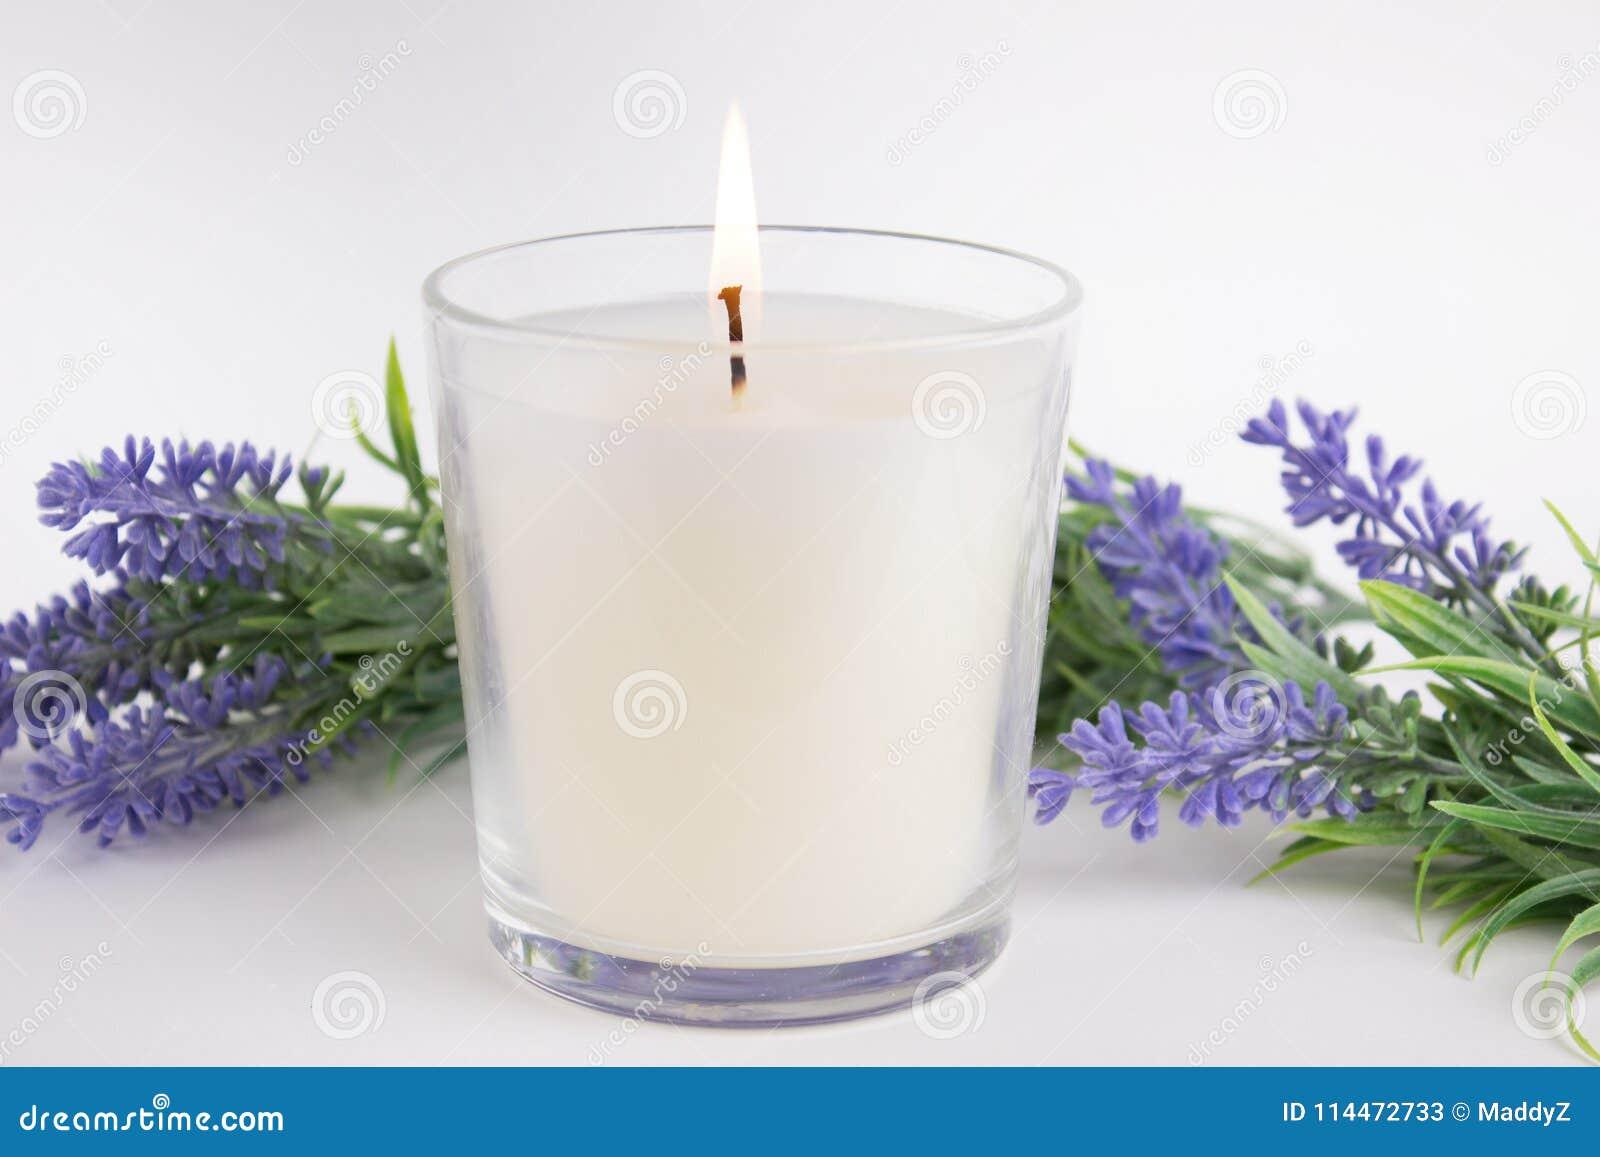 Kerze im Glas auf weißem Hintergrund mit Lavendel, Produktmodell